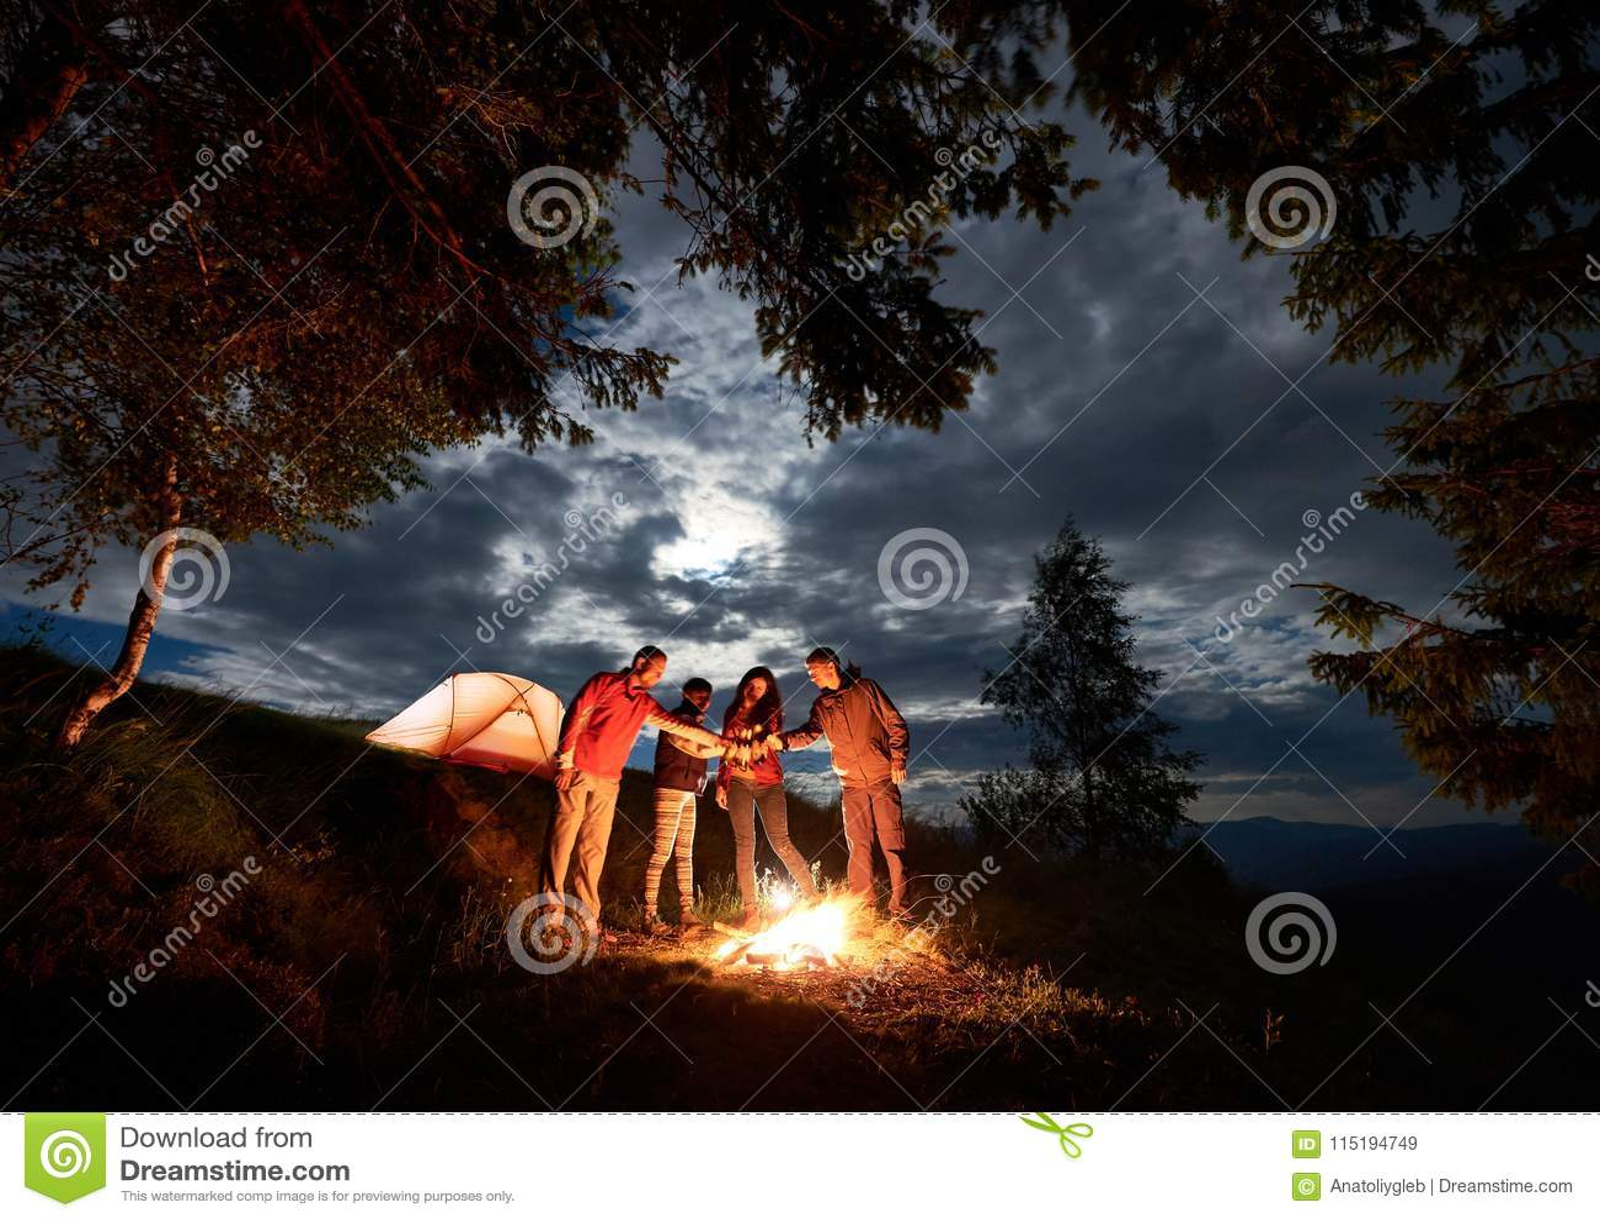 Ungdomarfirar ferie med öl vid branden nära tältet runt om träden under molnig himmel